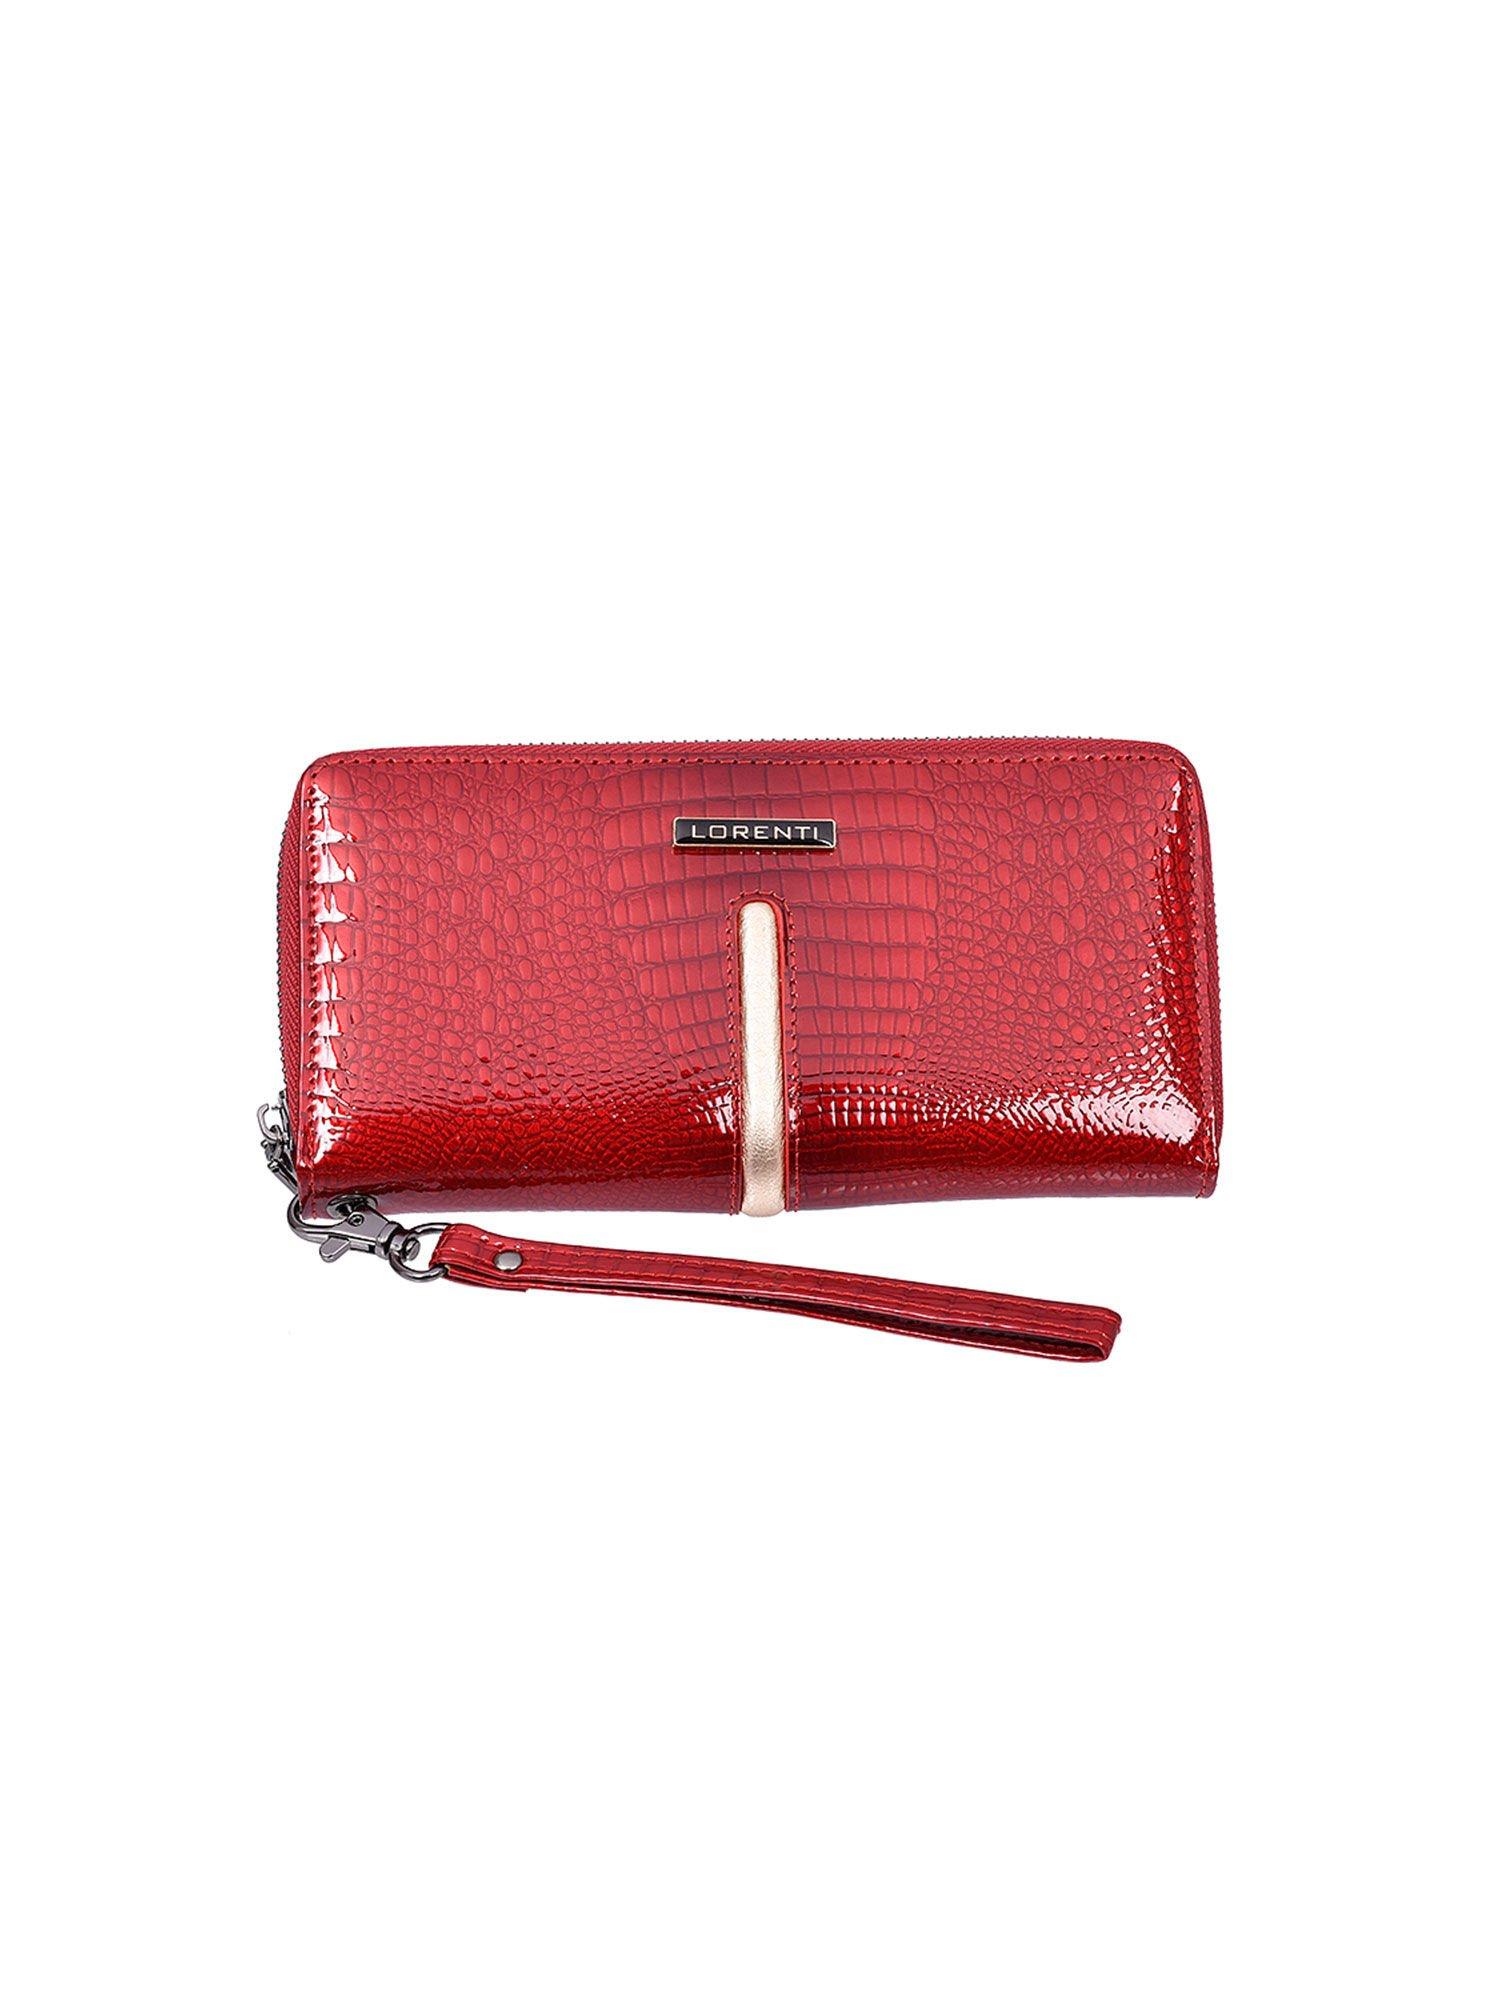 00159eb6212cb Czerwony lakierowany damski portfel skórzany - Akcesoria portfele ...